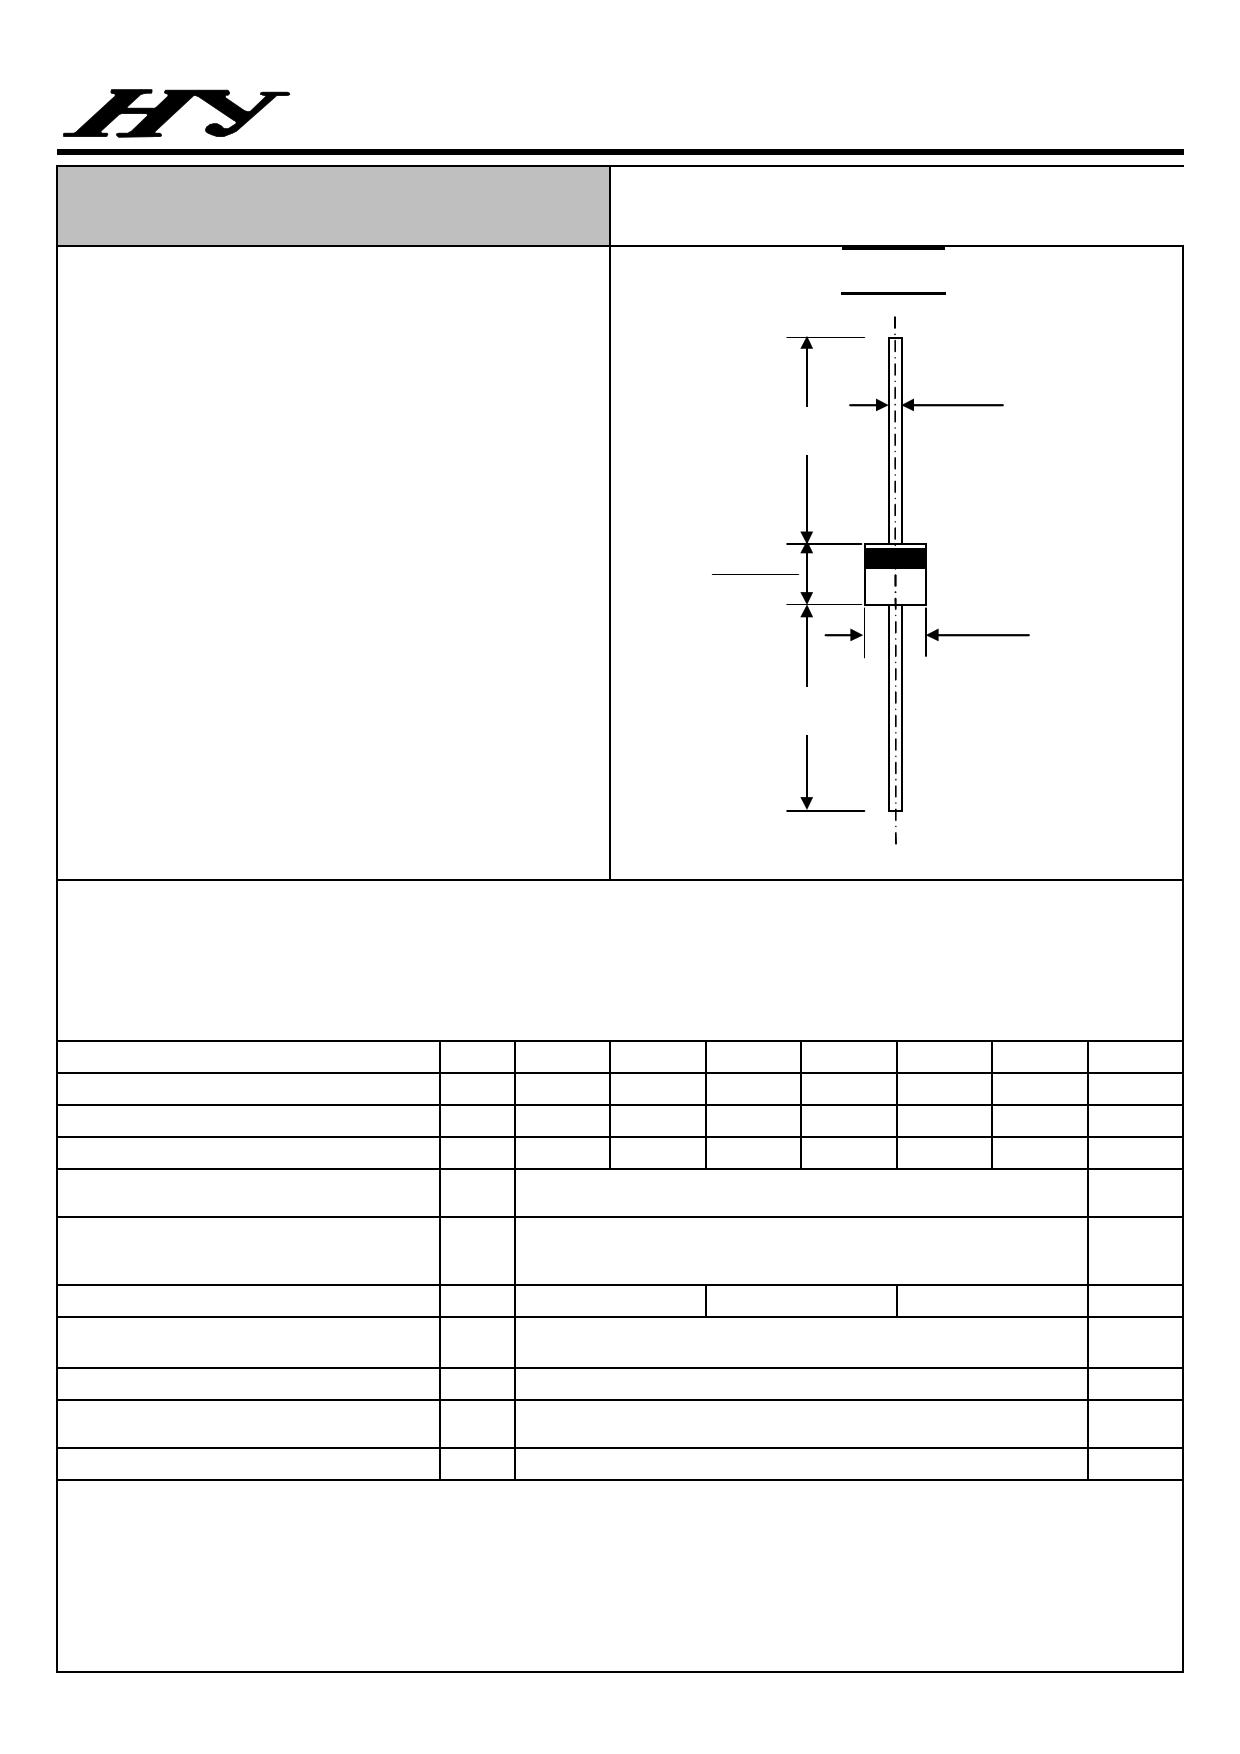 25PV060 datasheet